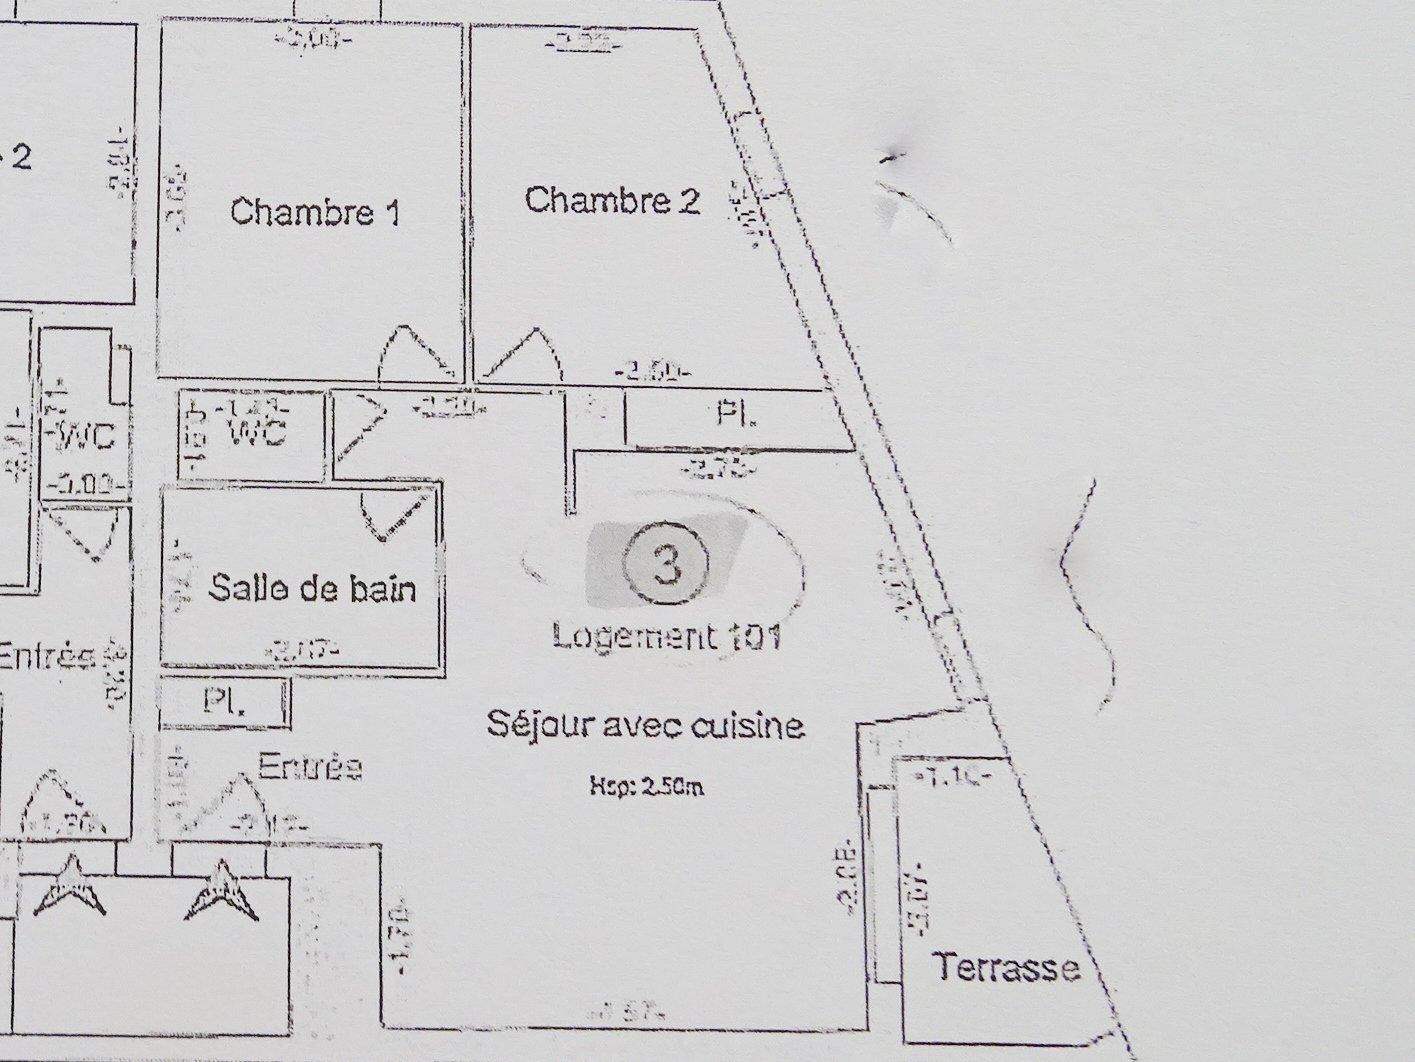 SOUS COMPROMIS DE VENTE. EXCLUSIVITE : Construite en 2013, cette petite copropriété est composée de seulement 4 T3. Elle offre au 1er étage cet agréable appartement avec sa petit terrasse. Après l'entrée et son placard vous découvrirez une cuisine aménagée ouverte sur le séjour, 2 chambres dont une avec un grand placard intégré, une salle de bains et des WC indépendants. Cet appartement en excellent état est vendu avec une place de parking. Stationnement facile et gratuit à proximité. Situé au calme. A voir.  Bien soumis au régime de la copropriété. Charges courantes mensuelle d'environ 48 euros. 4 lots dans la résidence. Honoraires à la charge du vendeur.